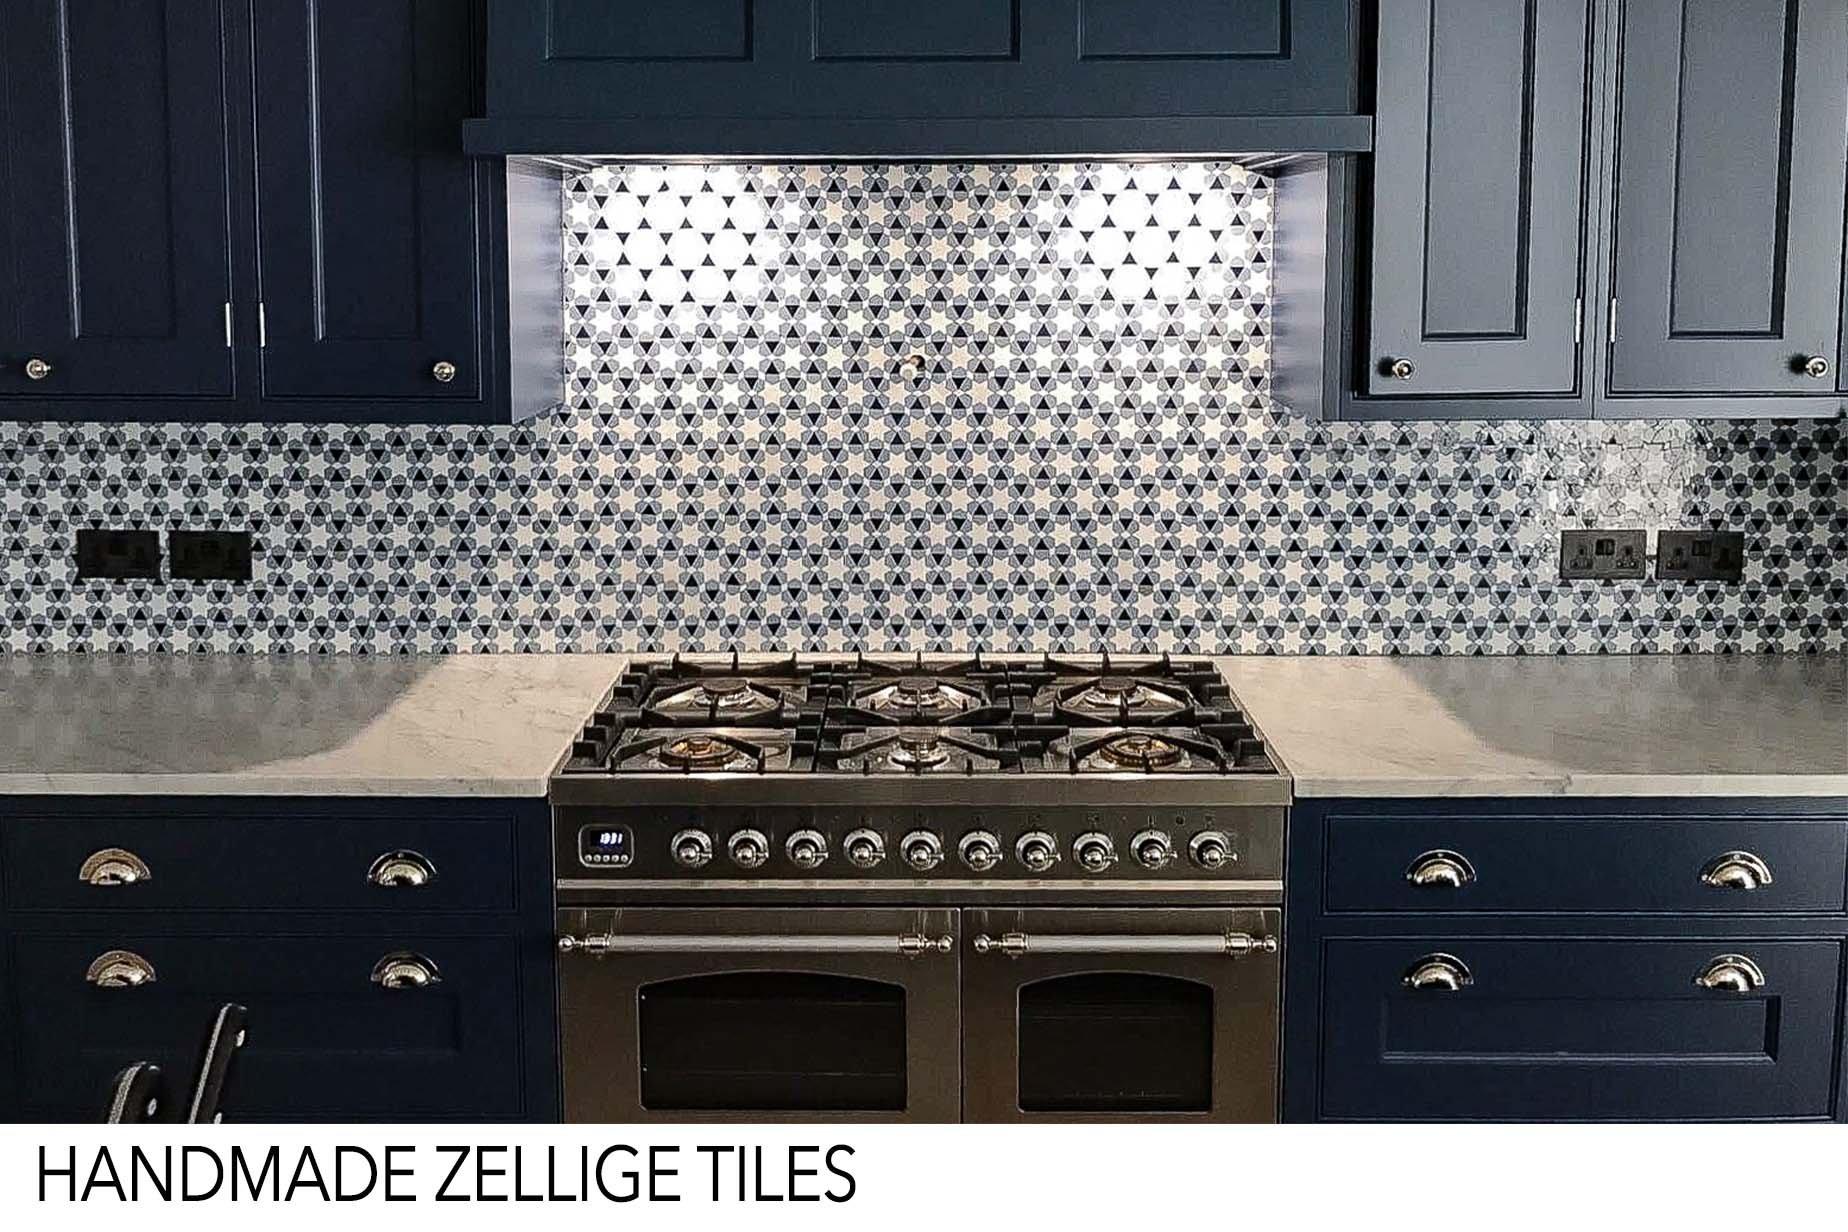 Handmade Zellige Tiles